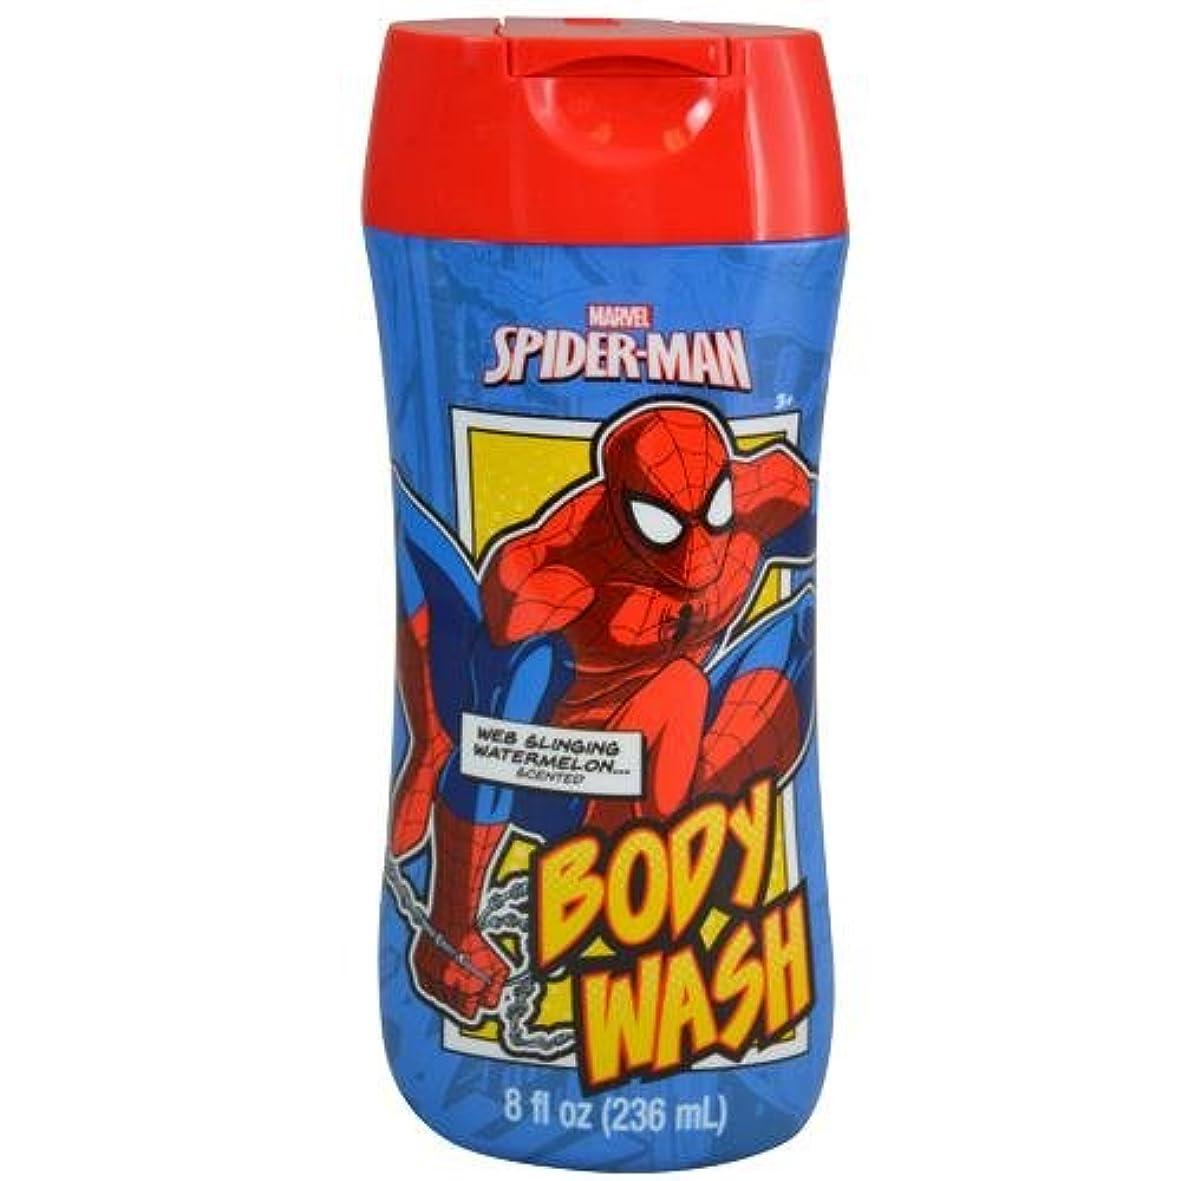 製油所筋肉のヒップスパイダーマン SPIDER-MAN ボディーソープ 12185 MARVEL お風呂 ボディ ソープ 子供用 キッズ ボディソープ MARVEL ボディウォッシュ マーベル ボディーウォッシュ【即日?翌日発送】